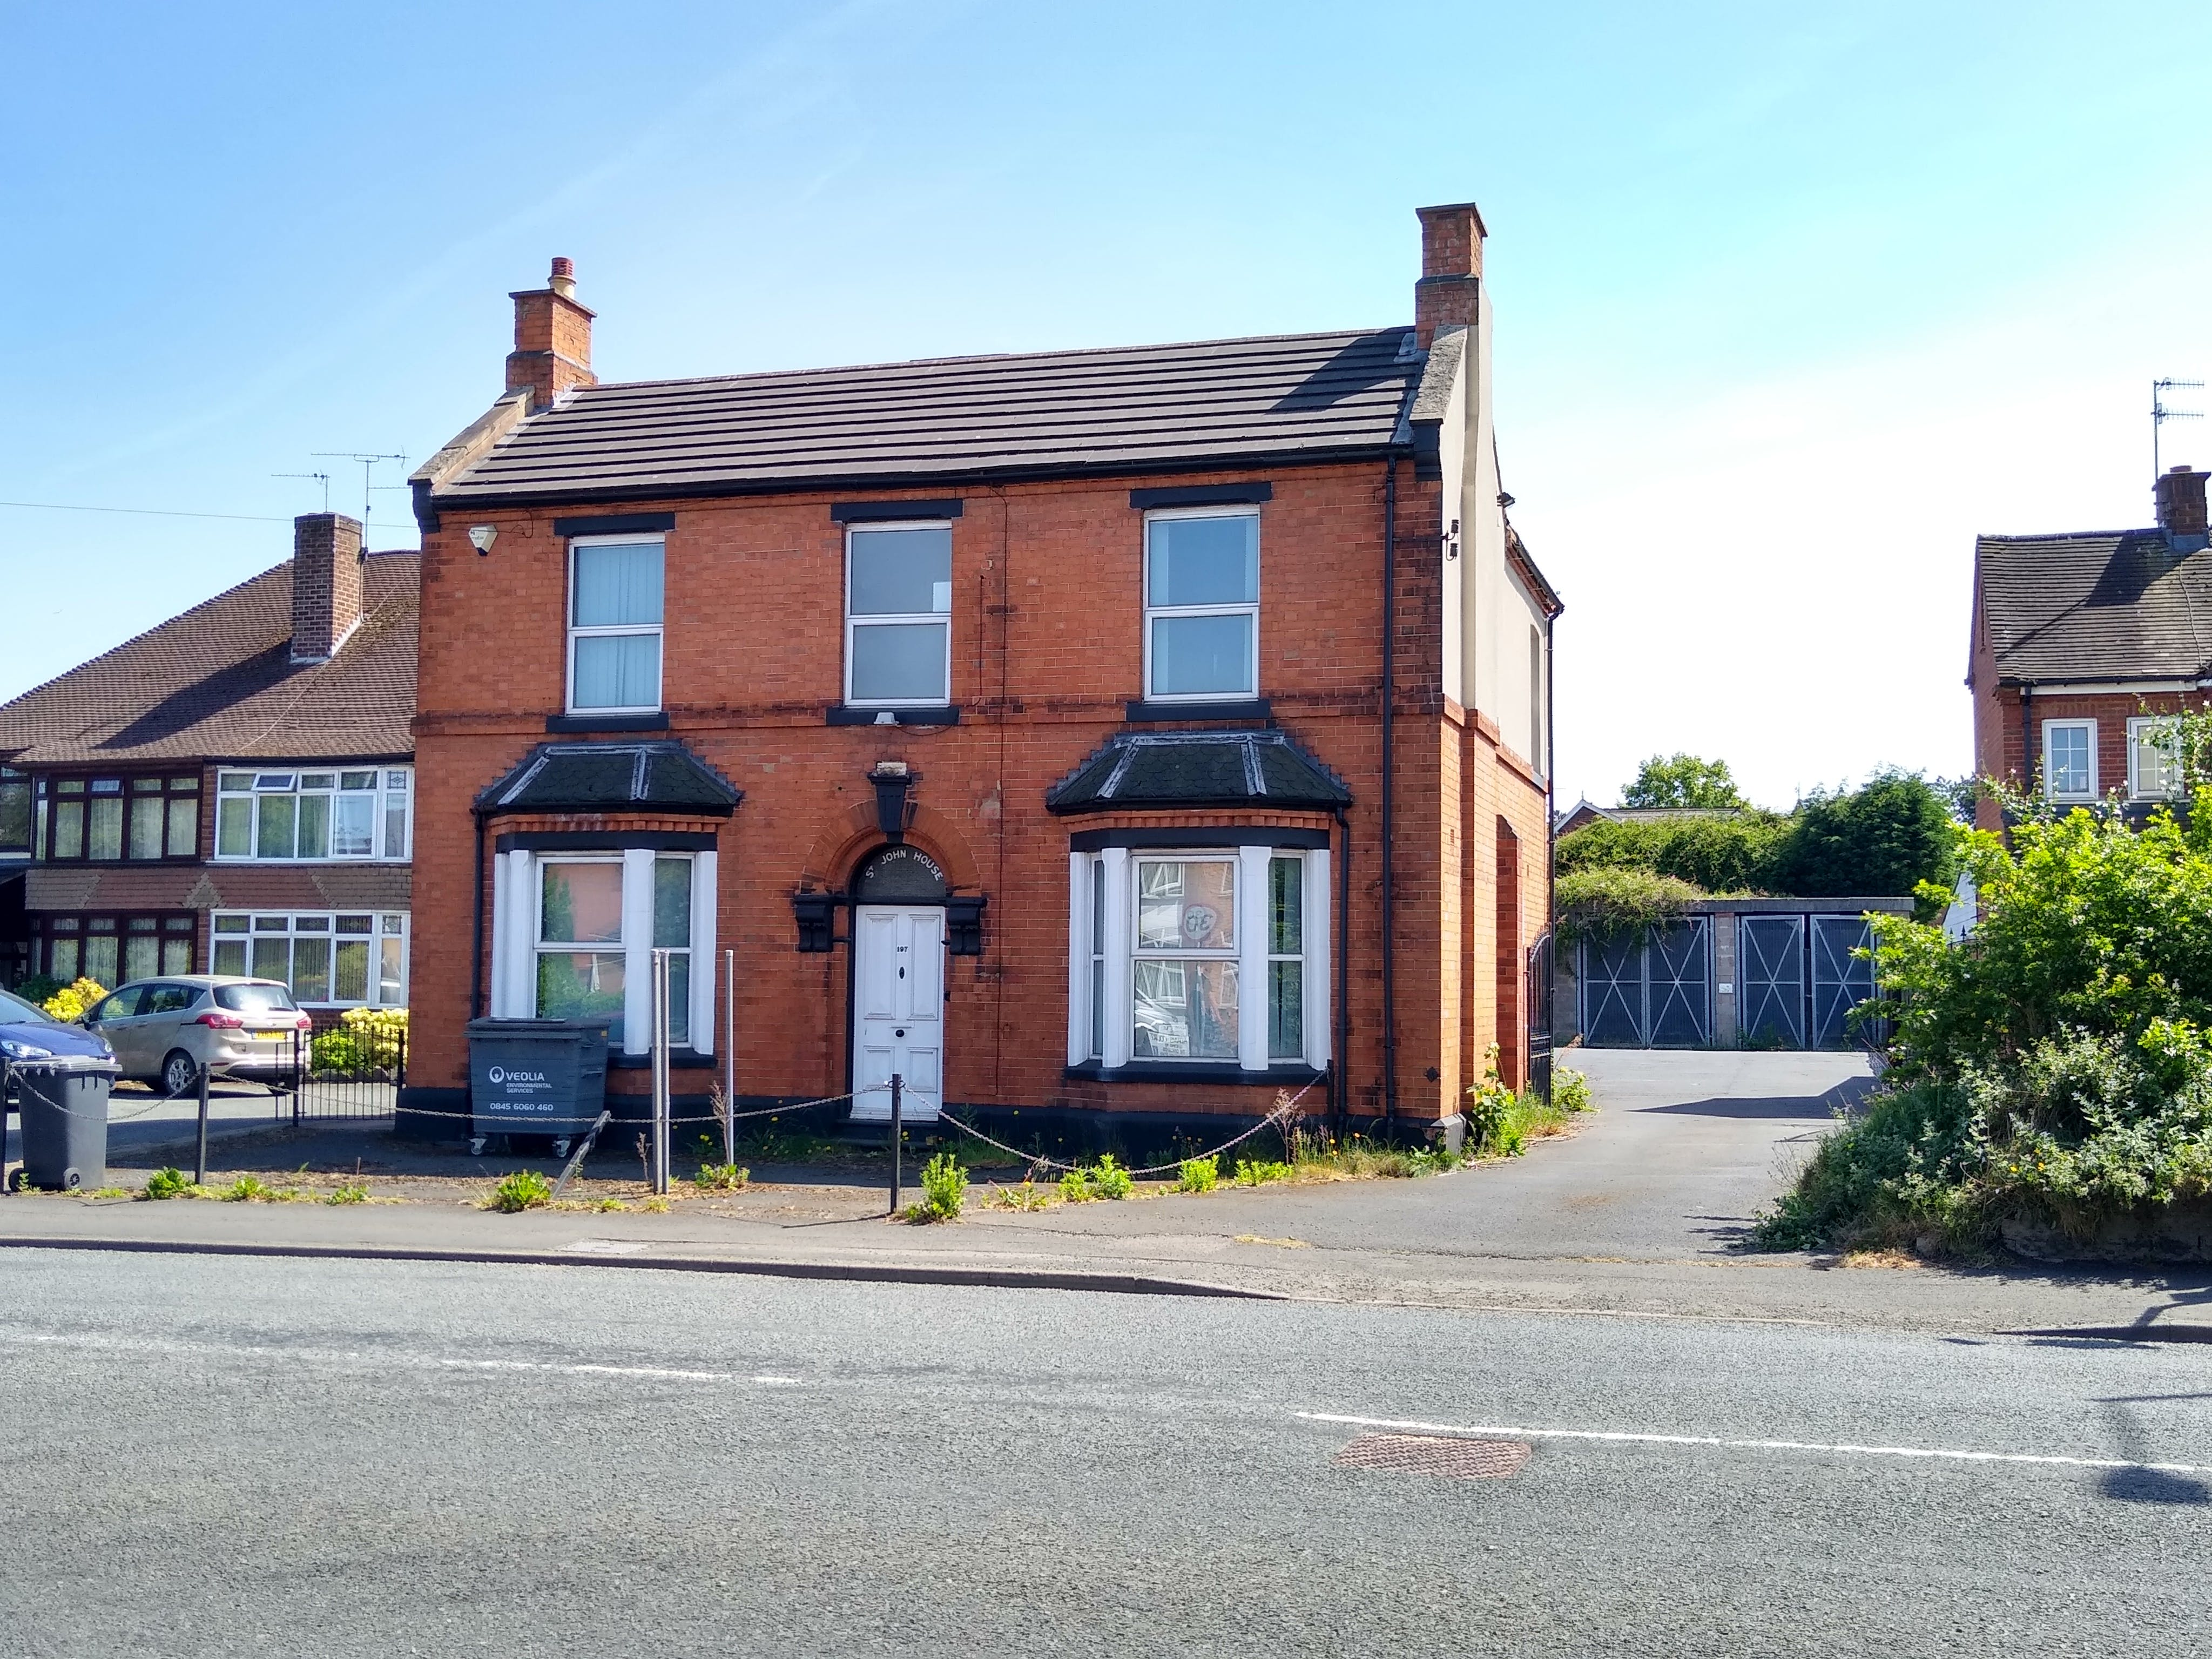 197 Birmingham Road, Kidderminster